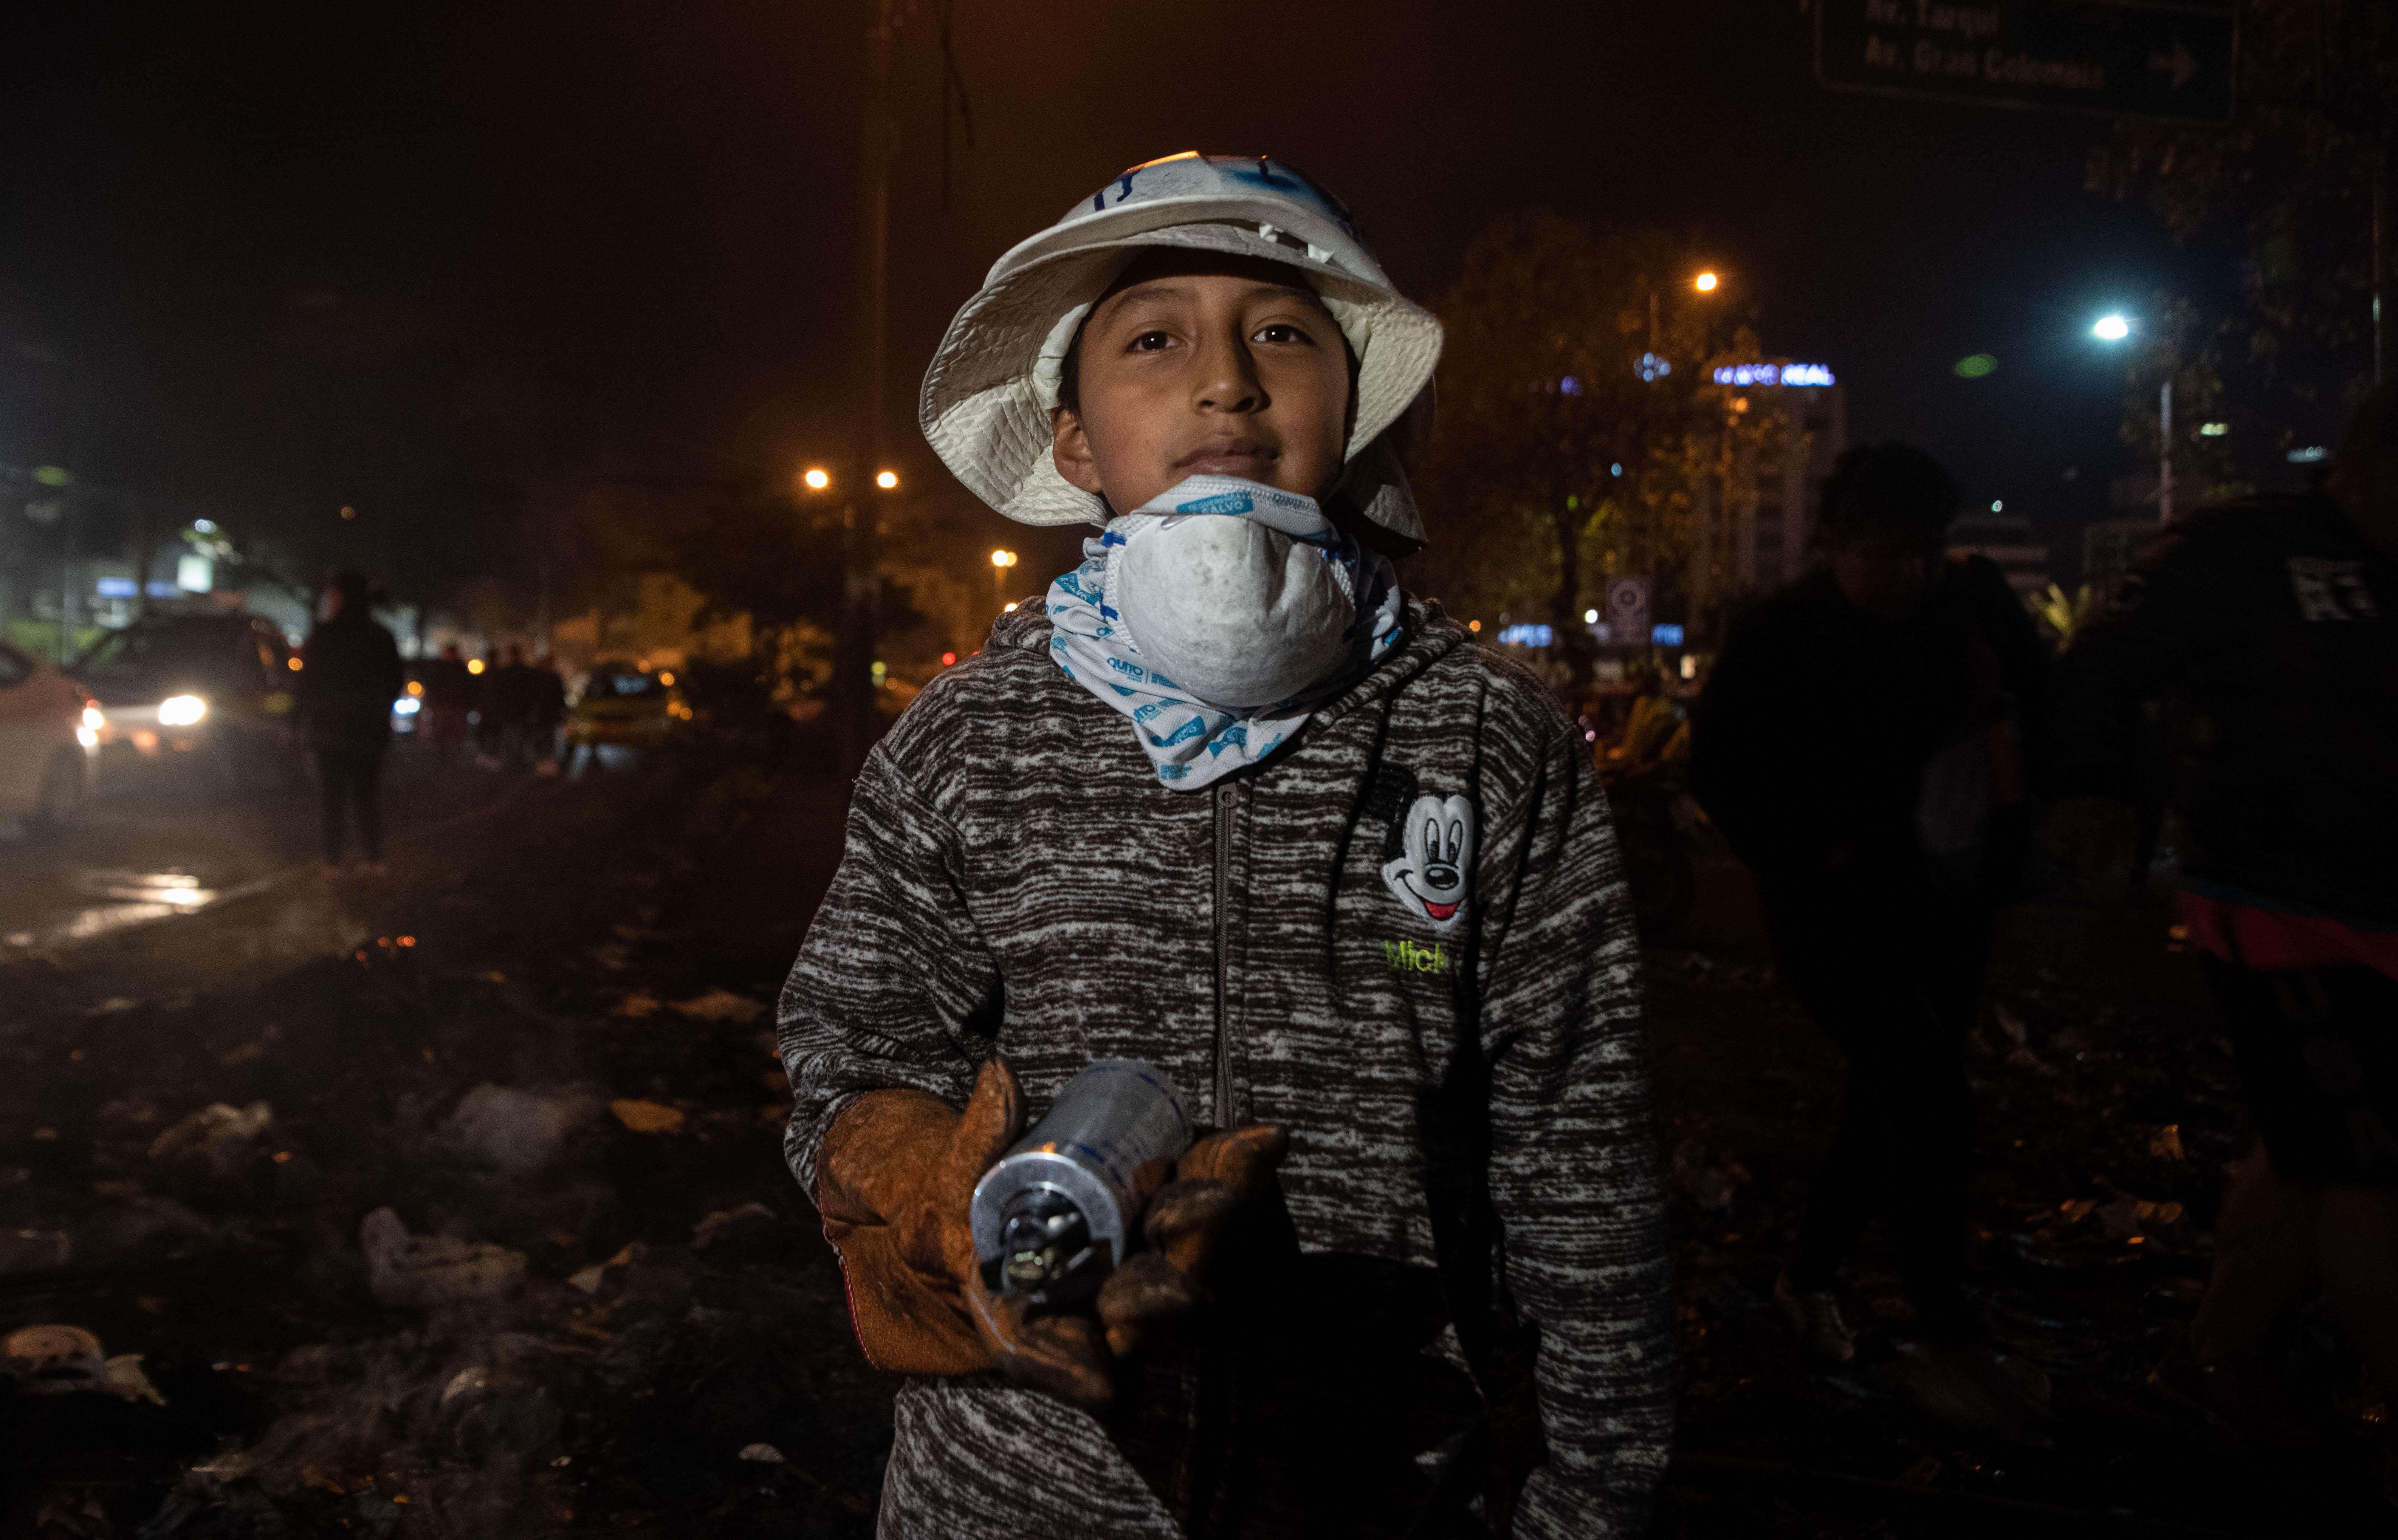 Un joven con aerosol en mano sonríe en medios de los festejos